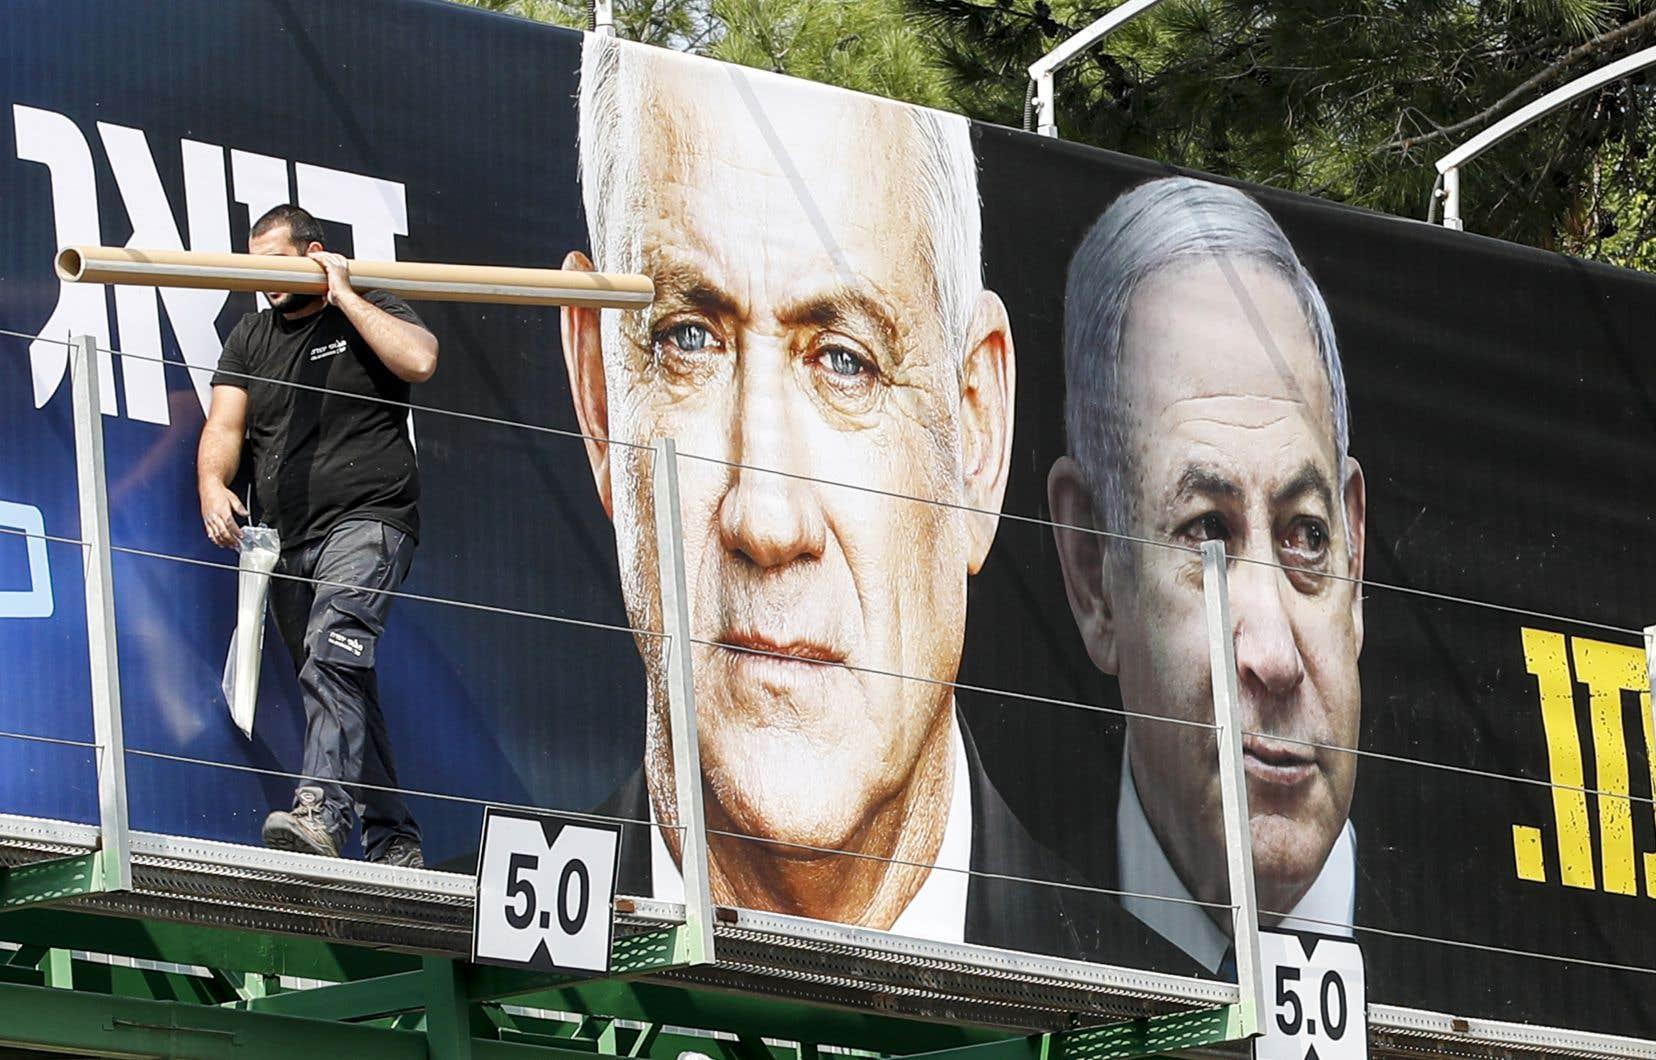 Les derniers sondages placent les listes de MM.Netanyahu et Gantz à une quasi-égalité, et nul camp ne semble en mesure de rallier une majorité de sièges au Parlement.